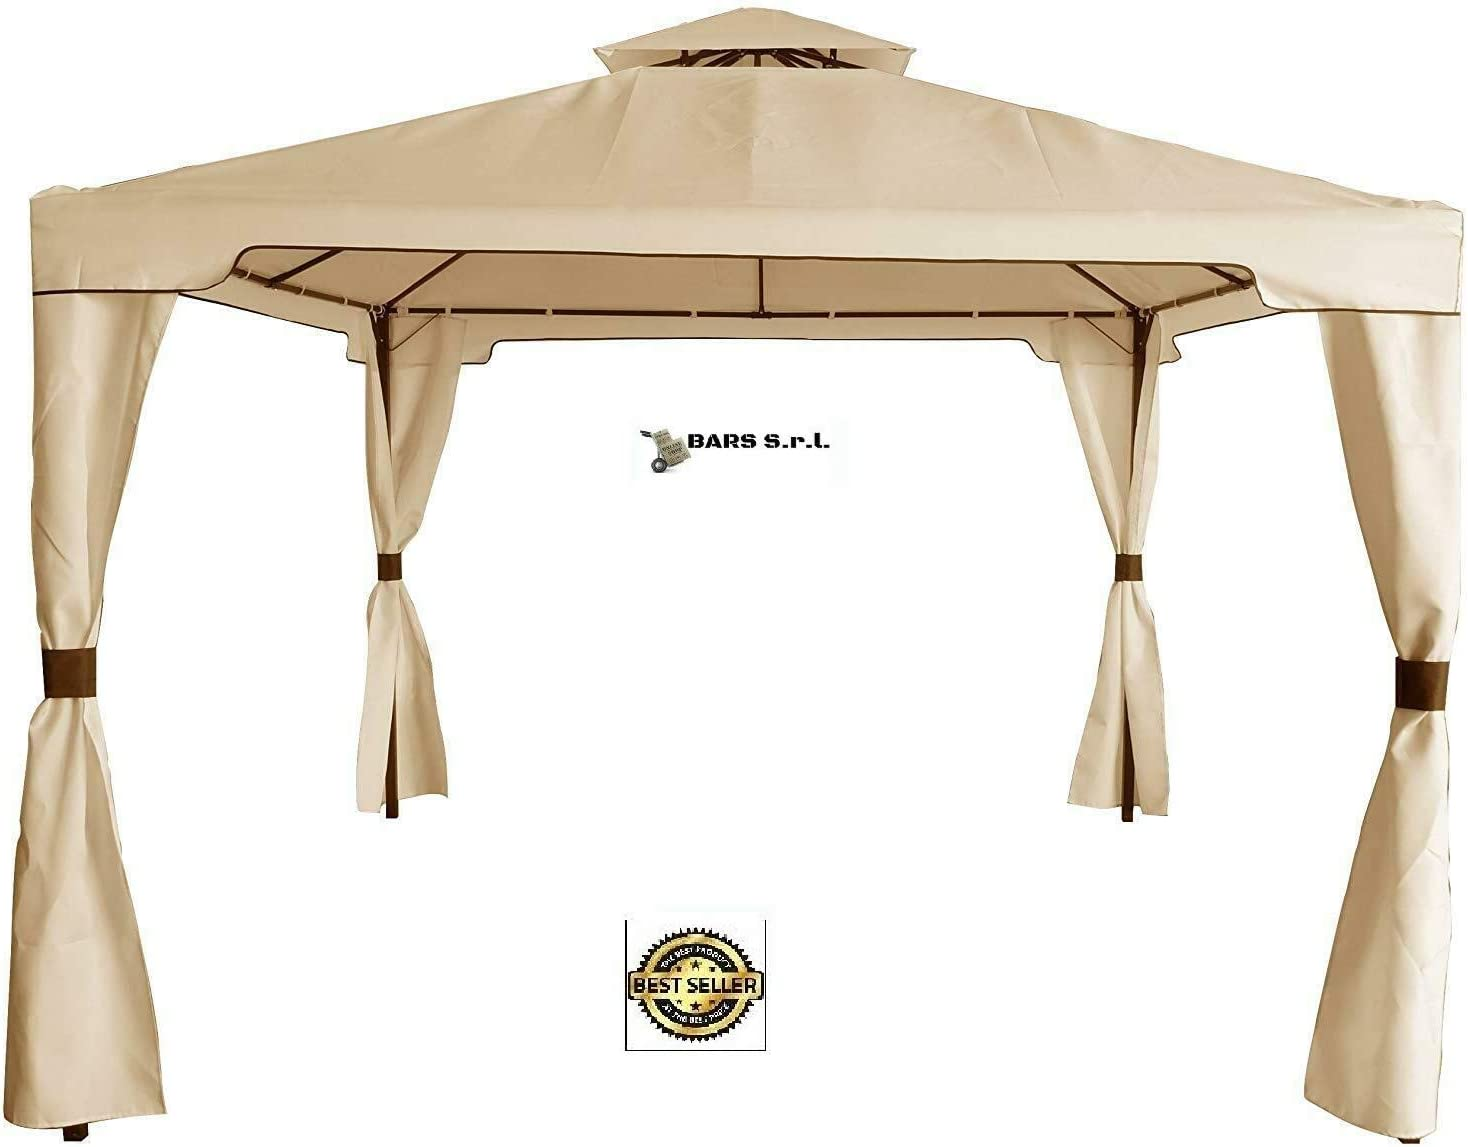 Bars Easyshop - Cenador de jardín con Lona Impermeable Beige de ...